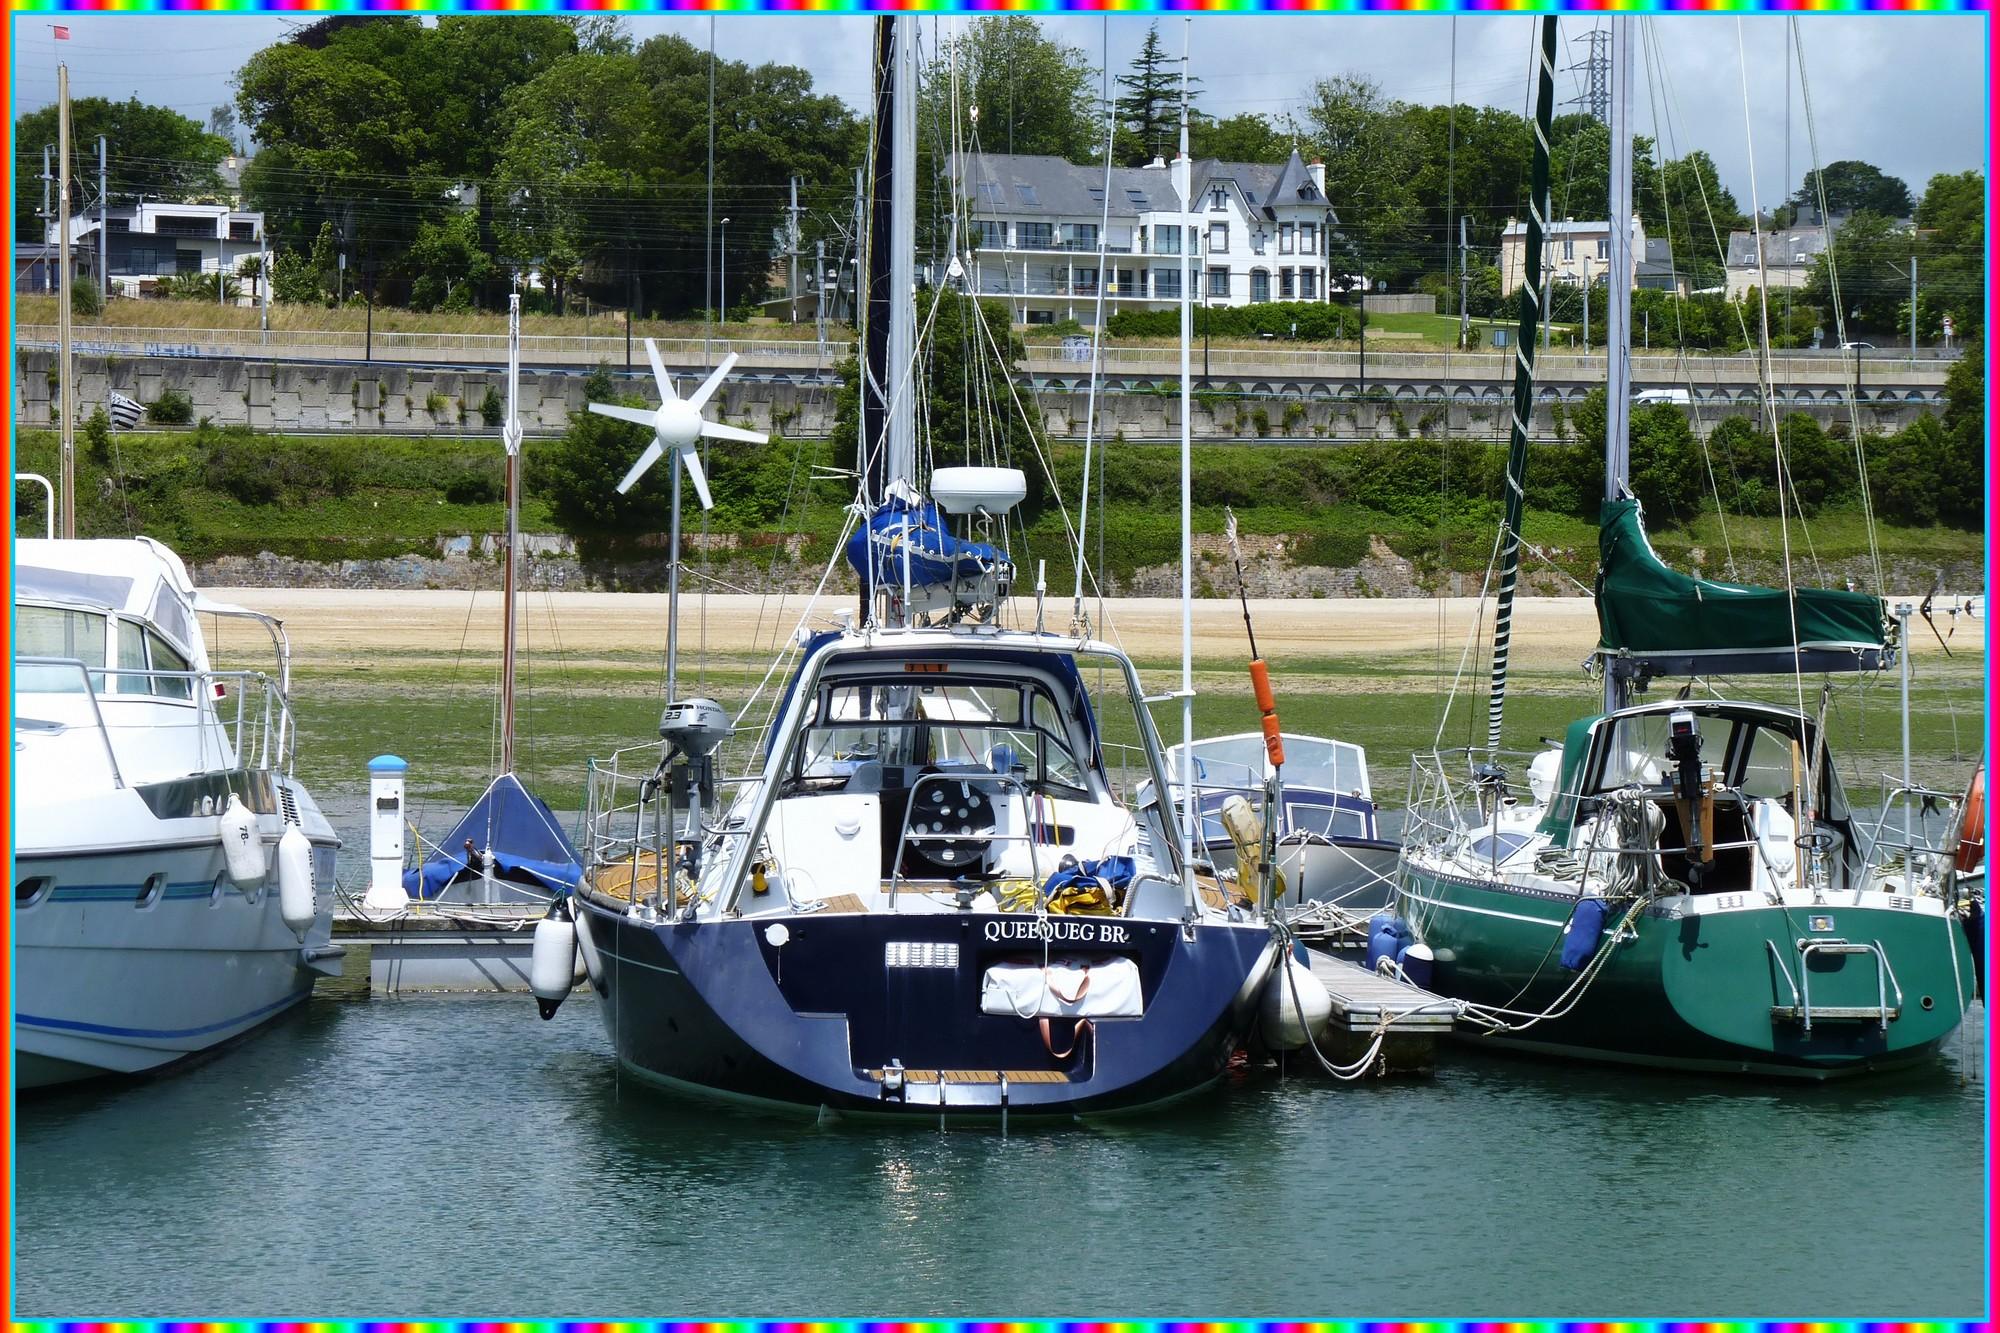 Queequeg dans la marina du Port-Blanc à Brest